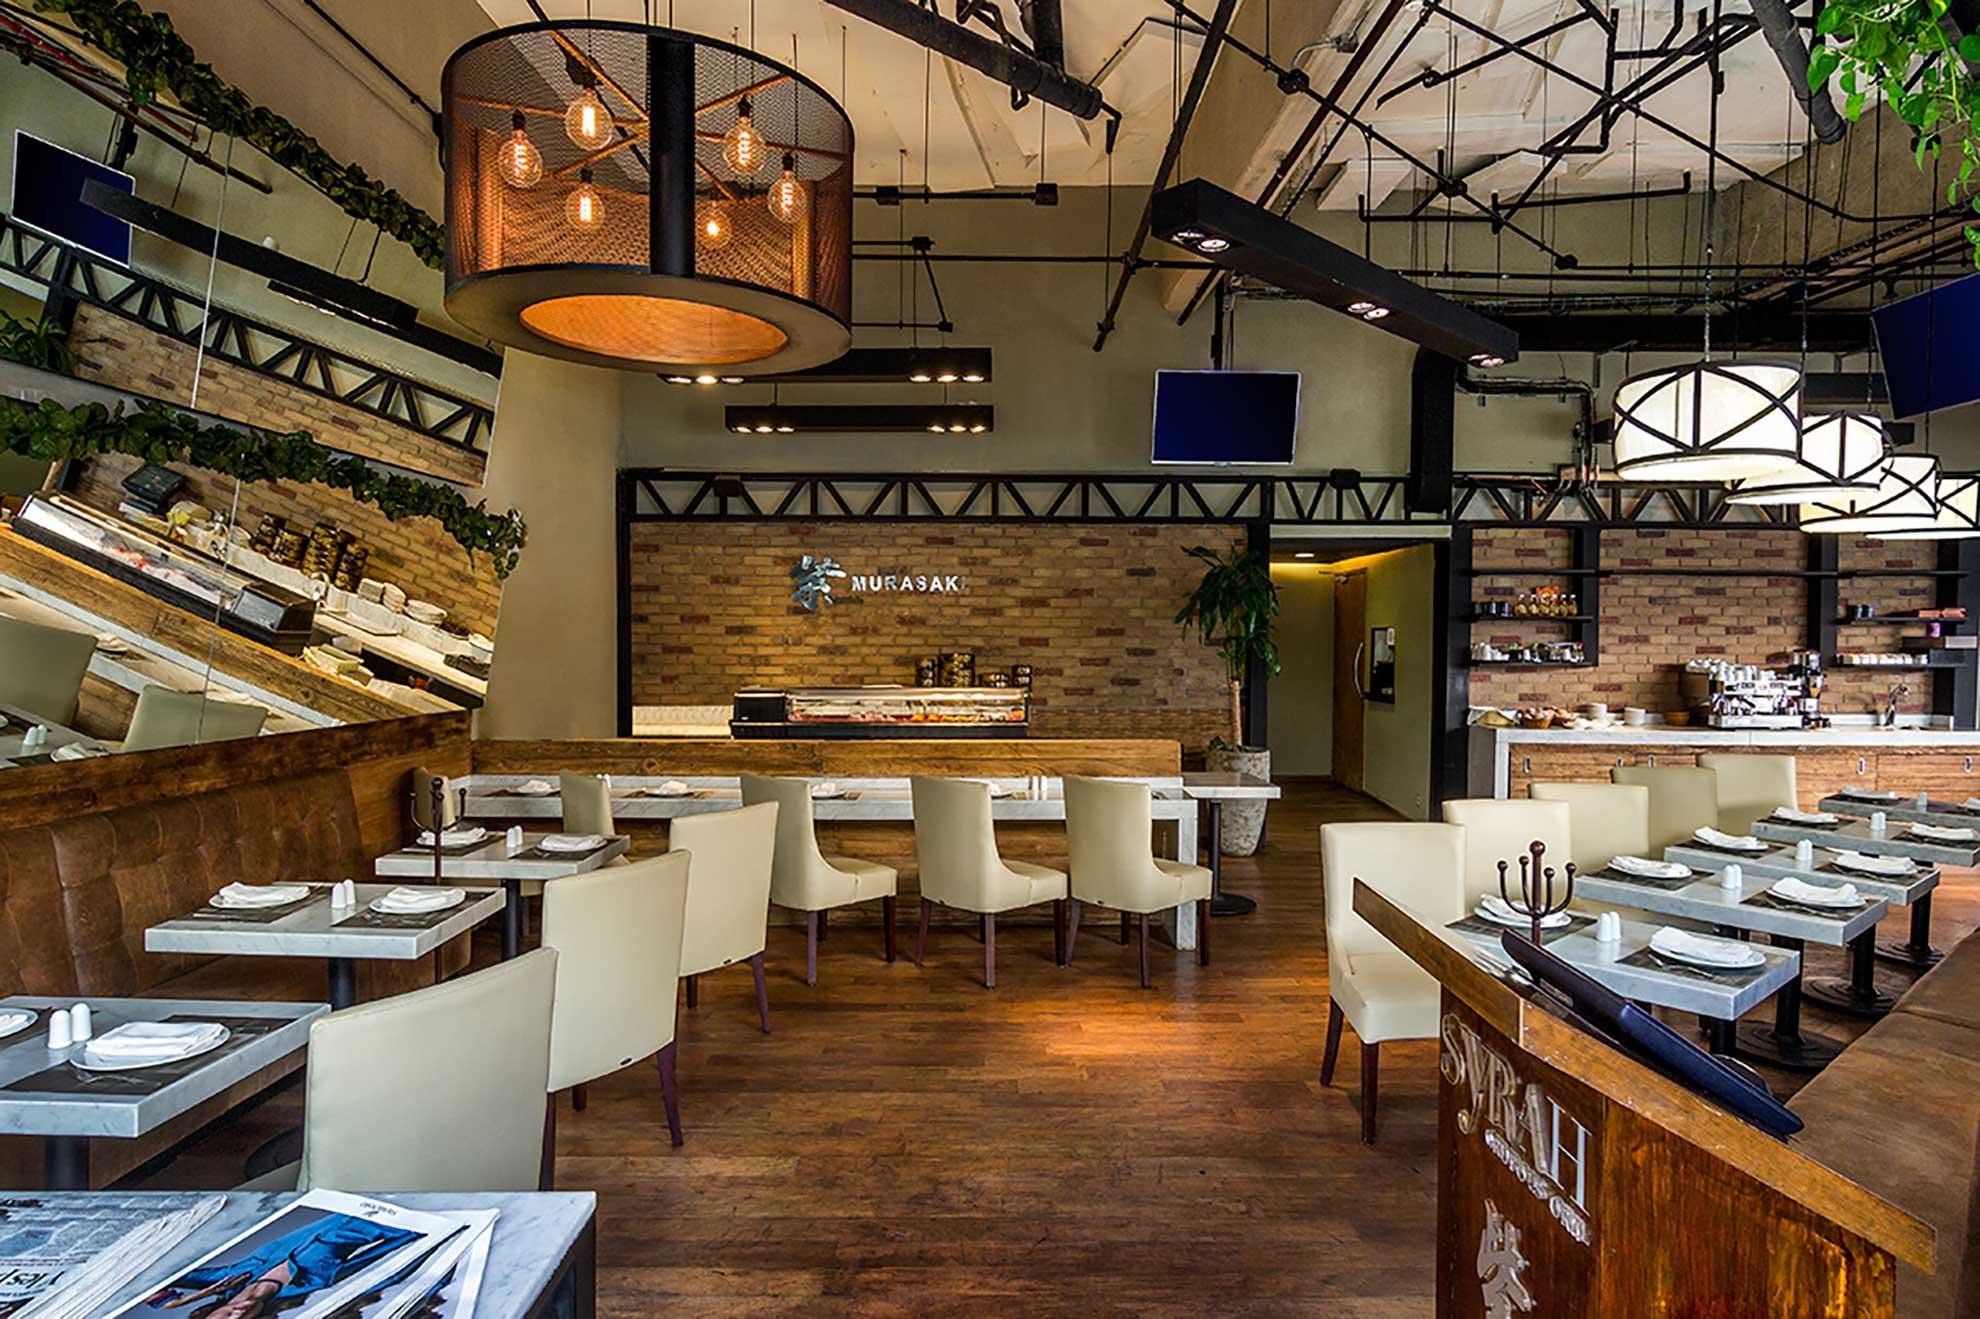 El restaurante cuenta con una doble altura y doble espejo que crea una sensación de apertura, sus colores en tierra y decoración sutil en plantas son el complemento que terminan de vestir el lugar creado por Depa 102